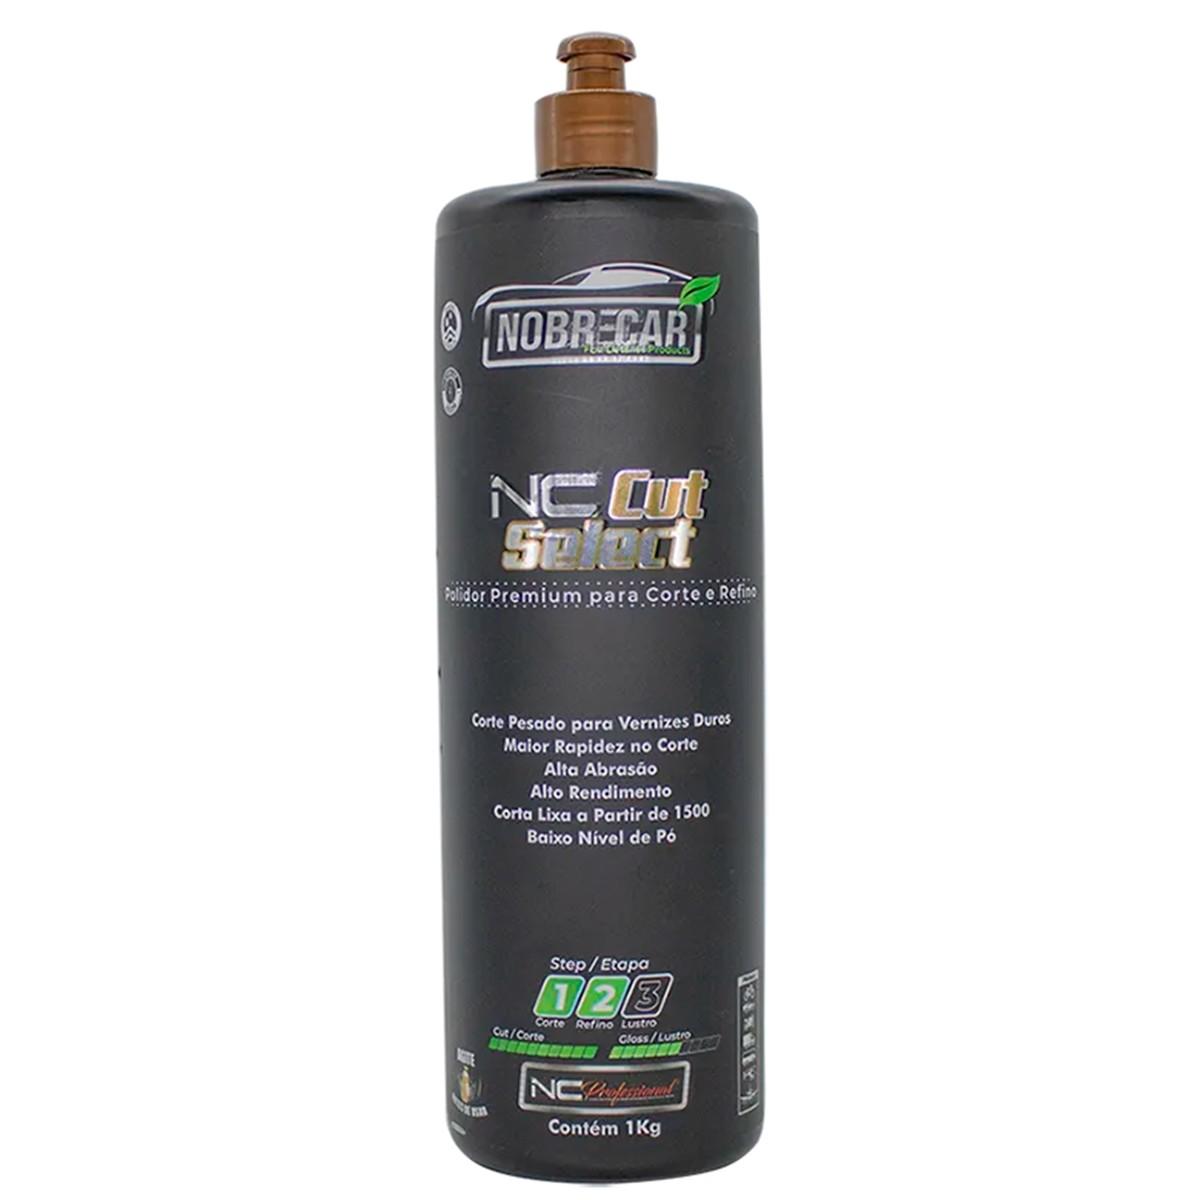 NC Cut Select 1e 2 ( Polidor Premium para corte e Refino) 1Kg - Nobrecar